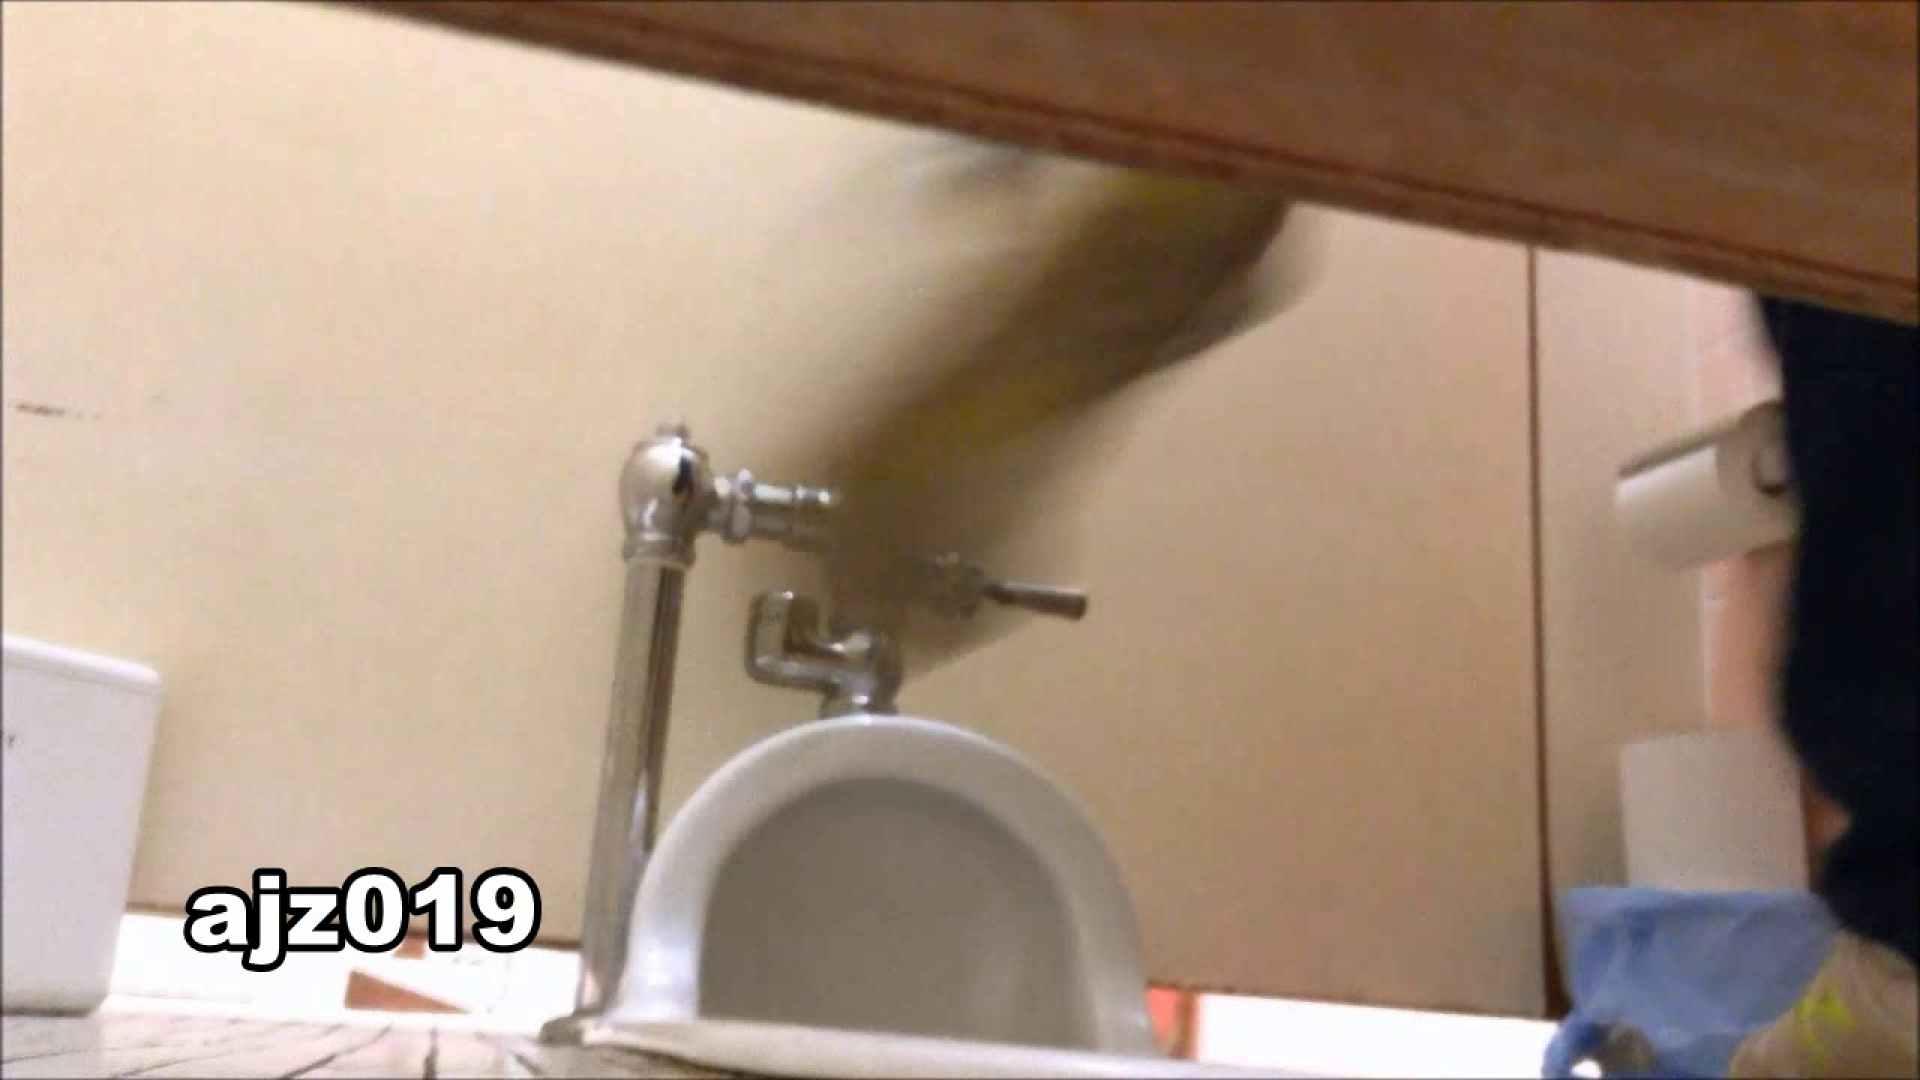 某有名大学女性洗面所 vol.19 和式 | 潜入  109PICs 45